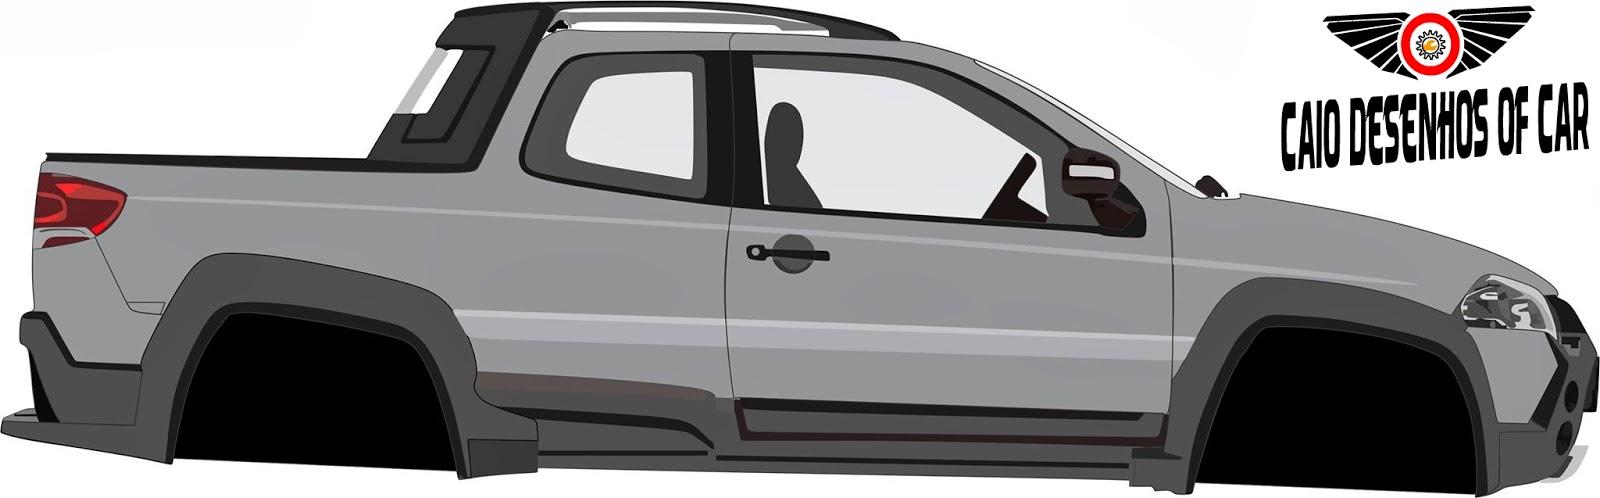 crie seu carro desenhos fiat strada 2014